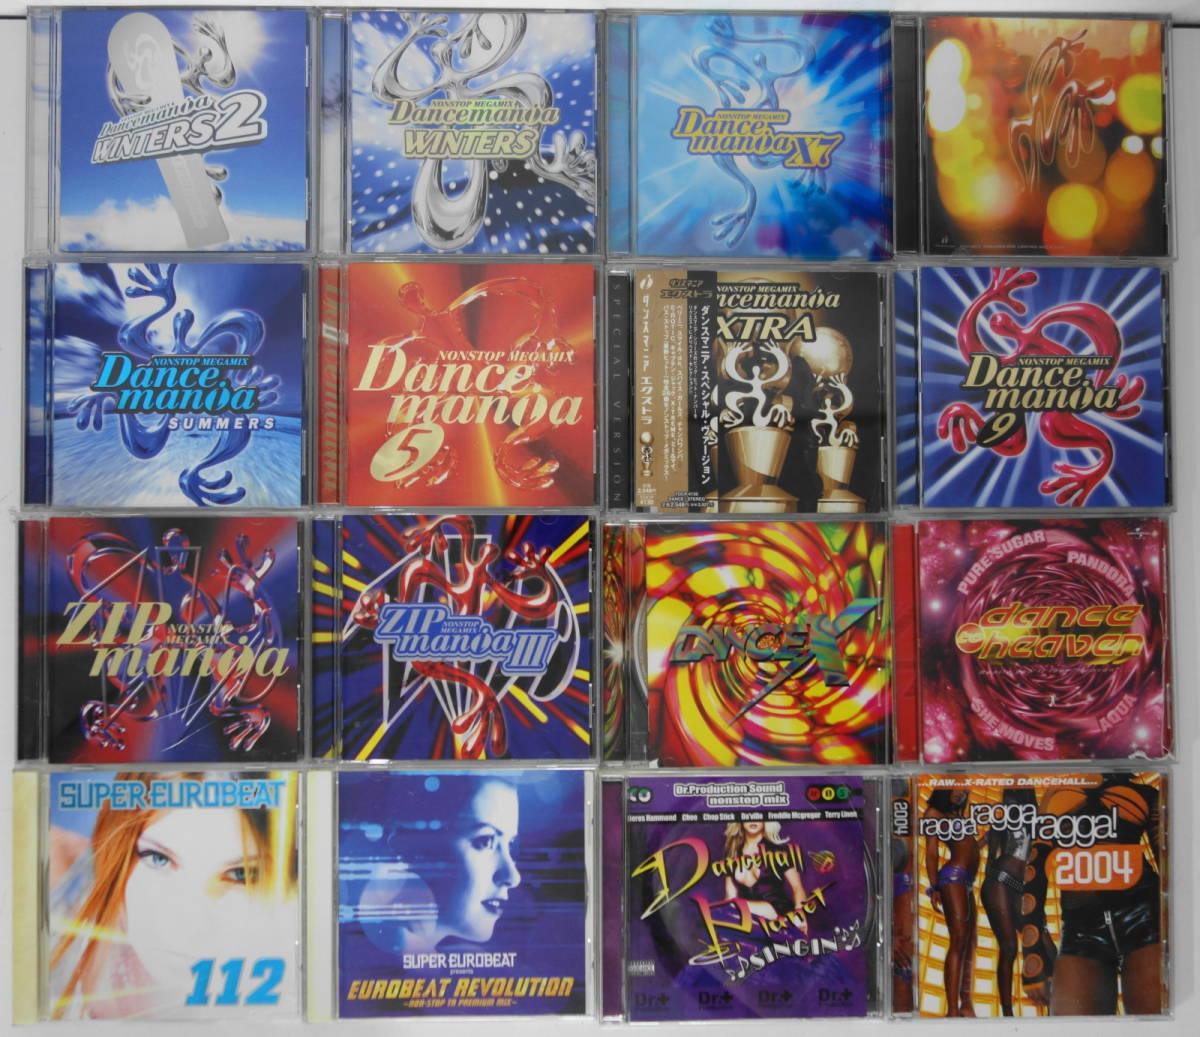 ダンス系CD 大量 41枚 まとめて セット ダンスマニア トランス エイベックス ユーロビート WOW MAX レゲエ ディスコ クラブ ベルファーレ